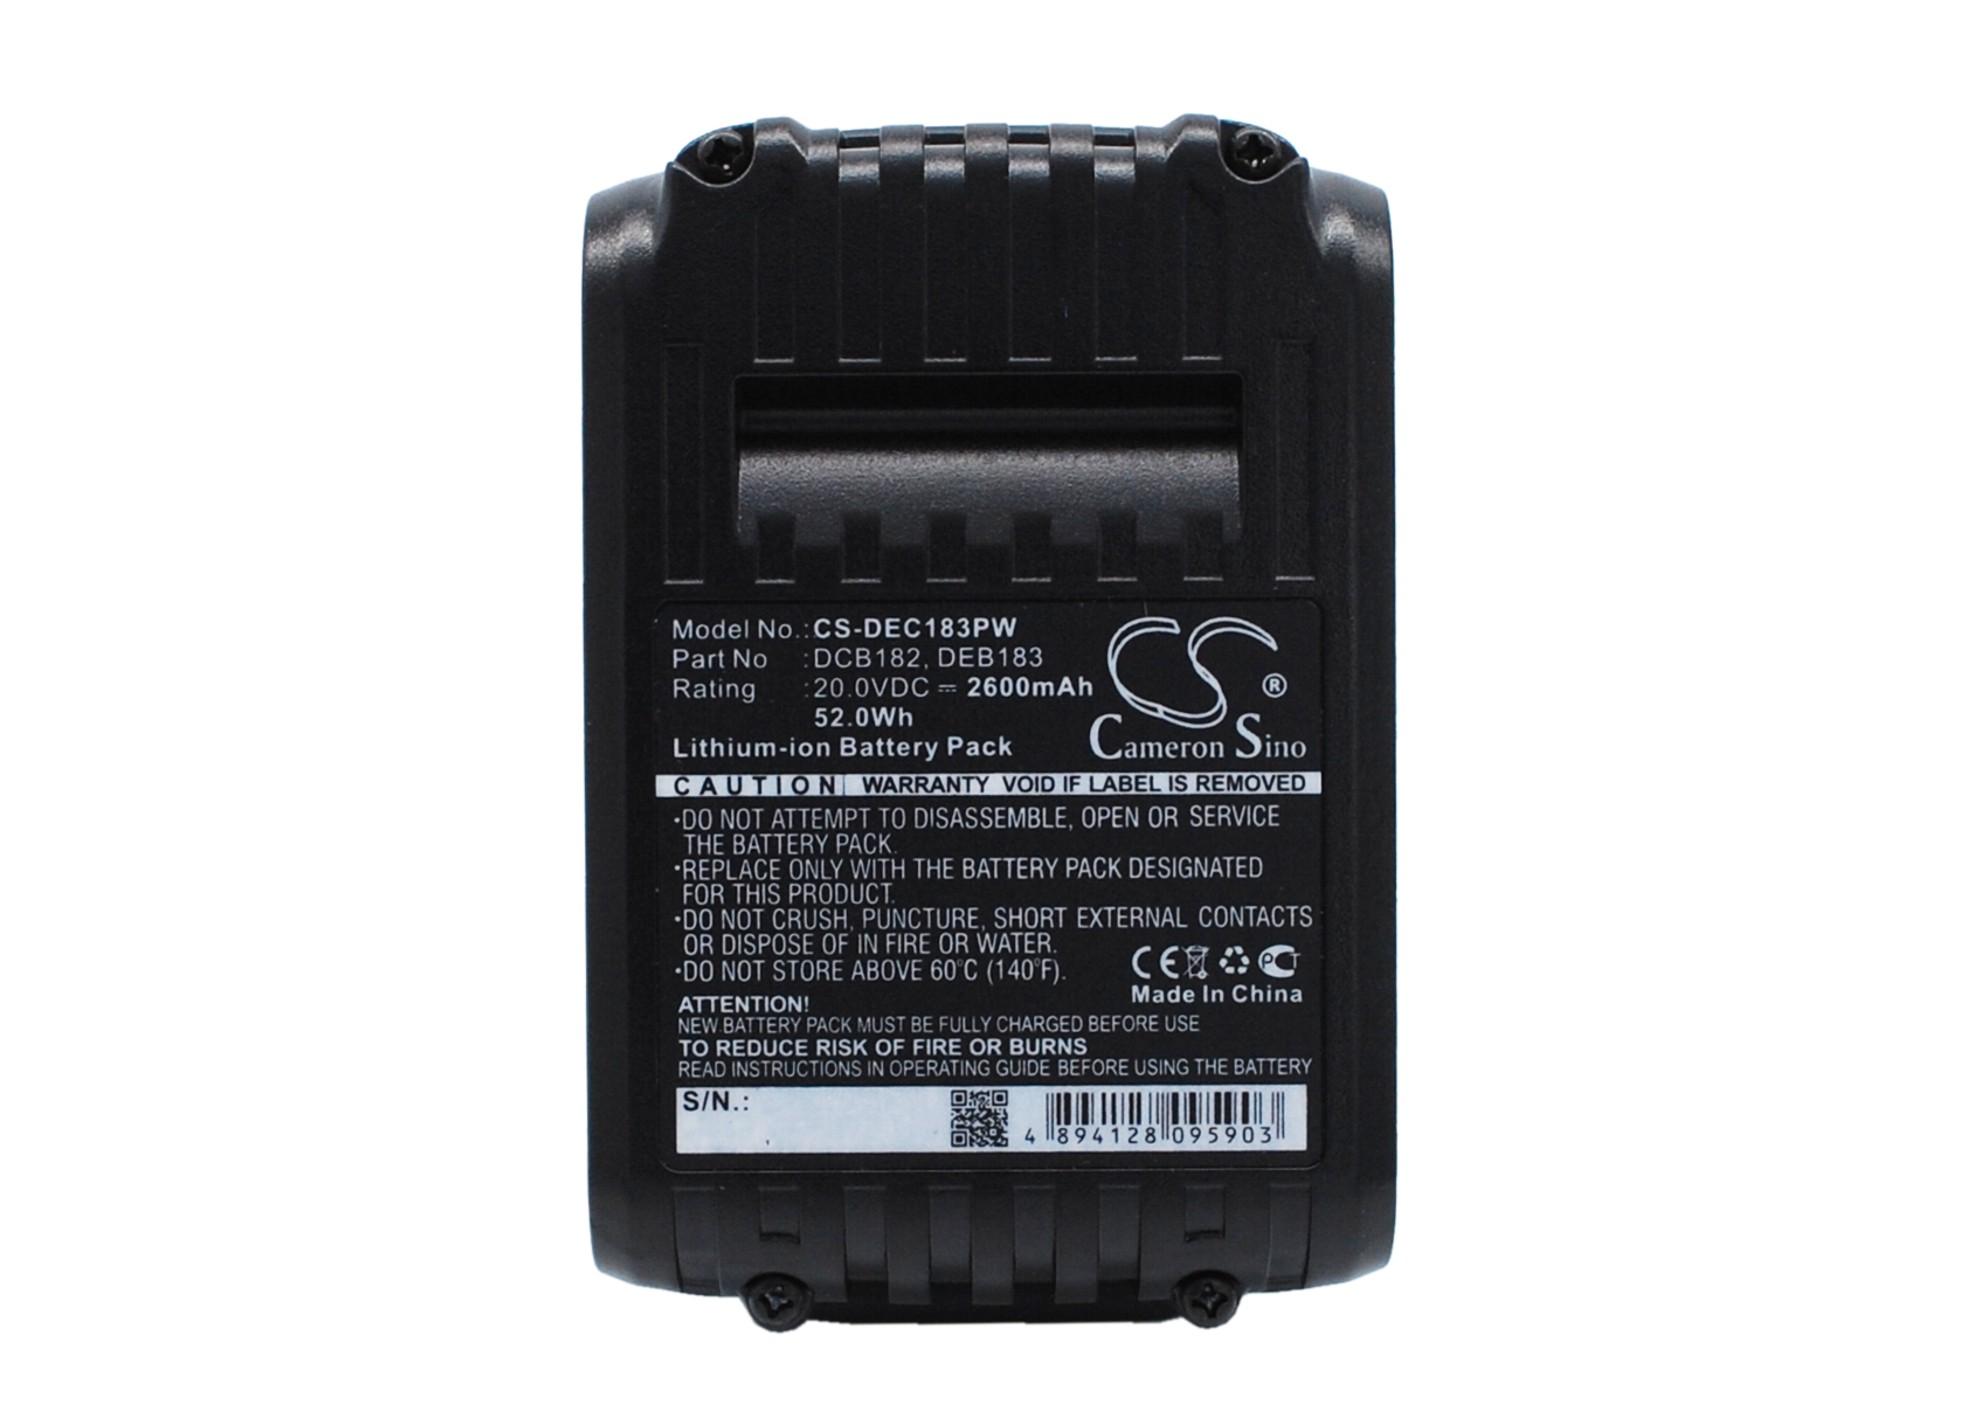 Cameron Sino baterie do nářadí pro DEWALT DCD780L2 20V Li-ion 2600mAh černá - neoriginální